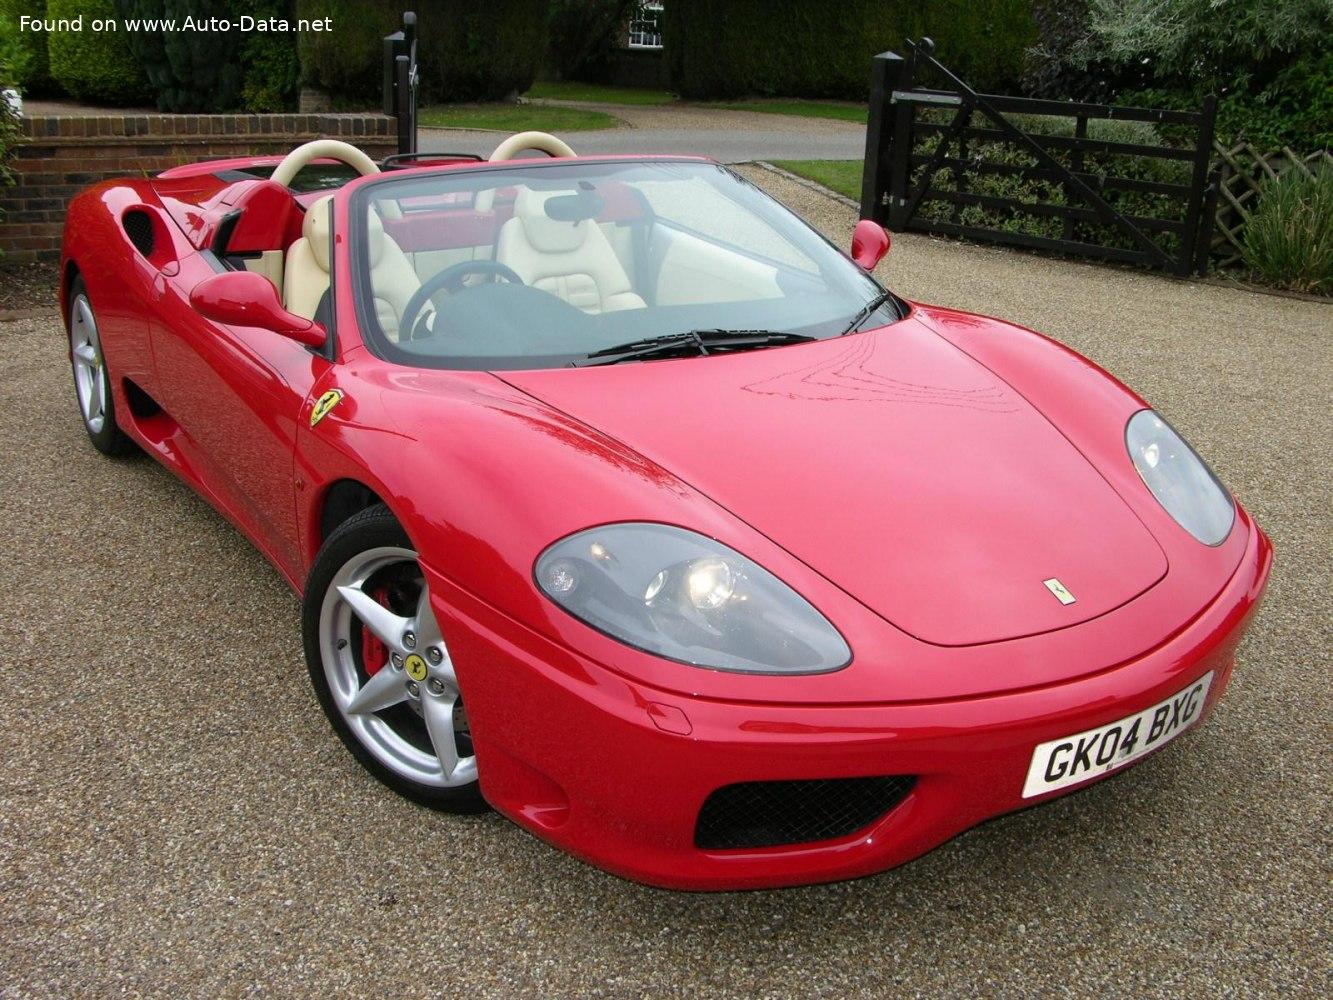 1999 Ferrari 360 Modena Spider 360 Spider 400 Ps Technische Daten Verbrauch Spezifikationen Maße